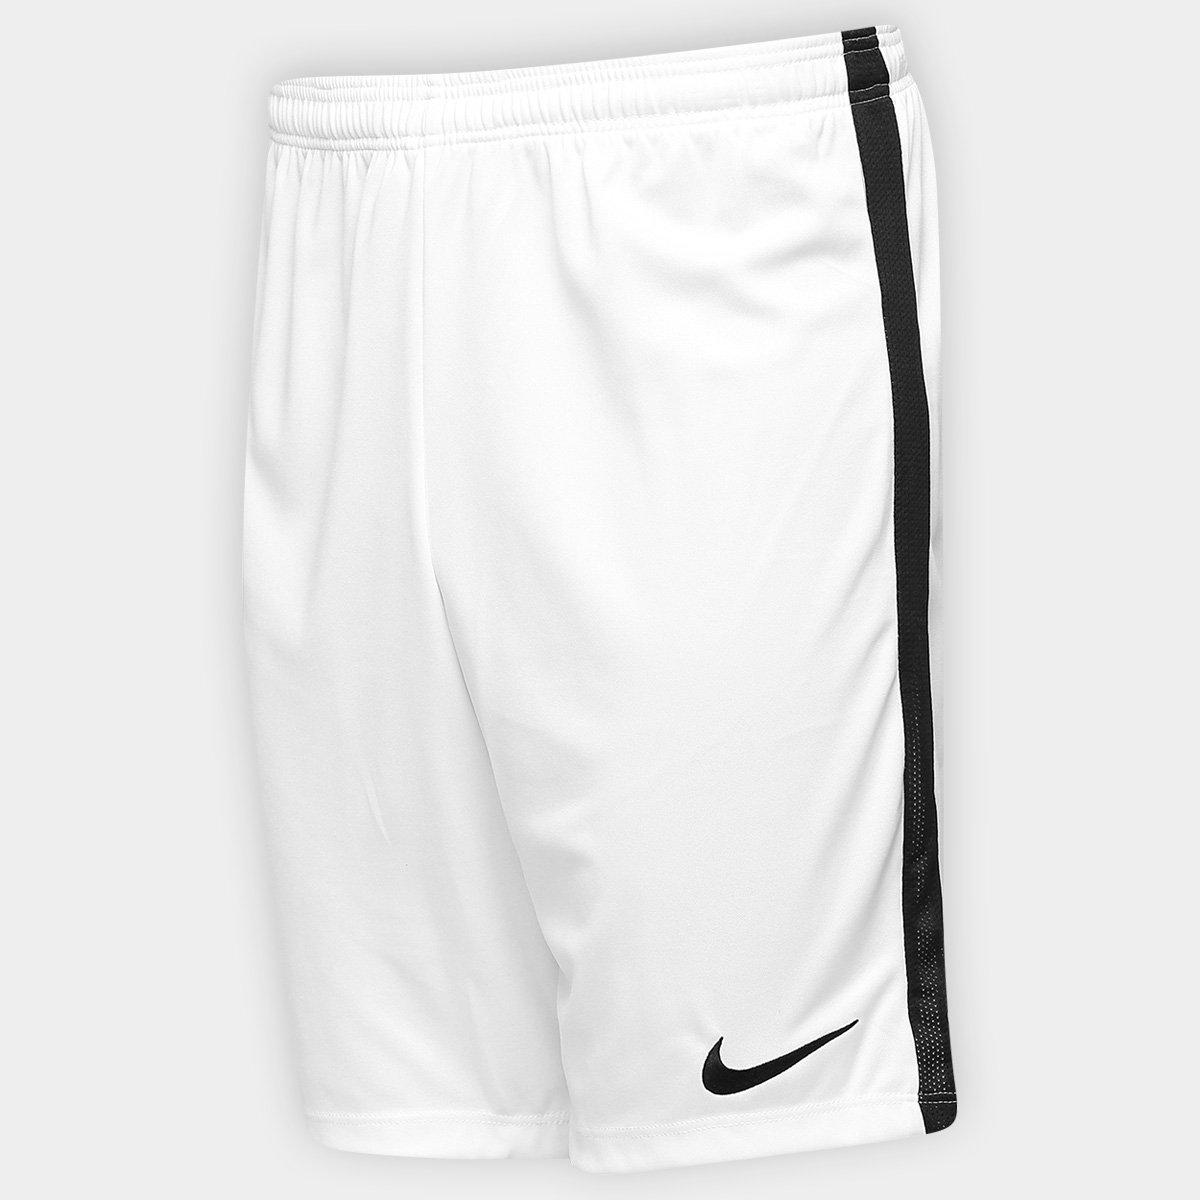 Calção Nike Dry Academy Masculino - Branco e Preto - Compre Agora ... 73211c6621f3f